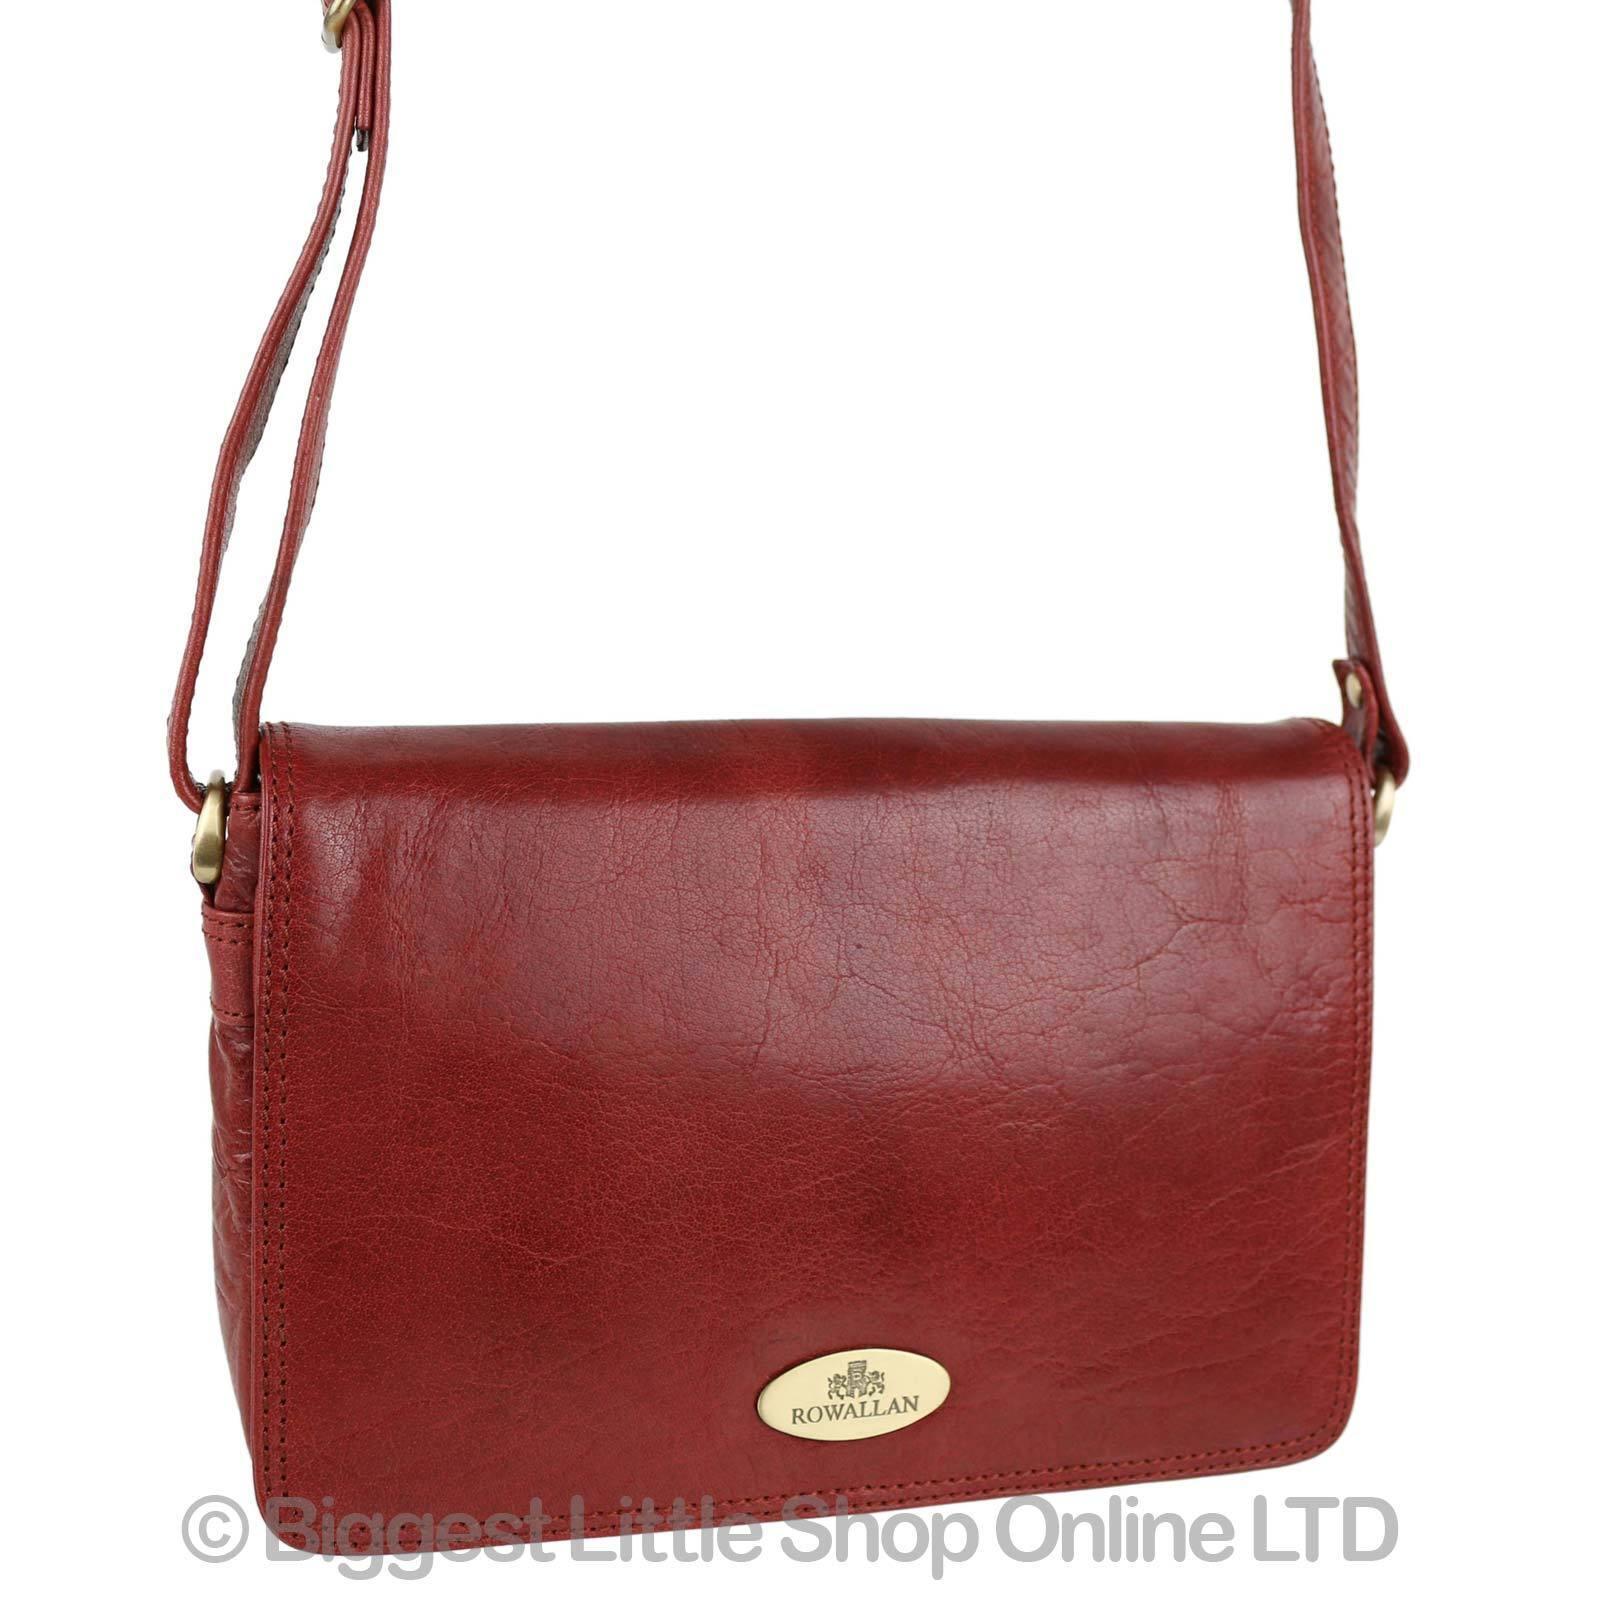 New Las Leather Cross Body Bag Handbag By Rowallan Razzano Shoulder Maroon